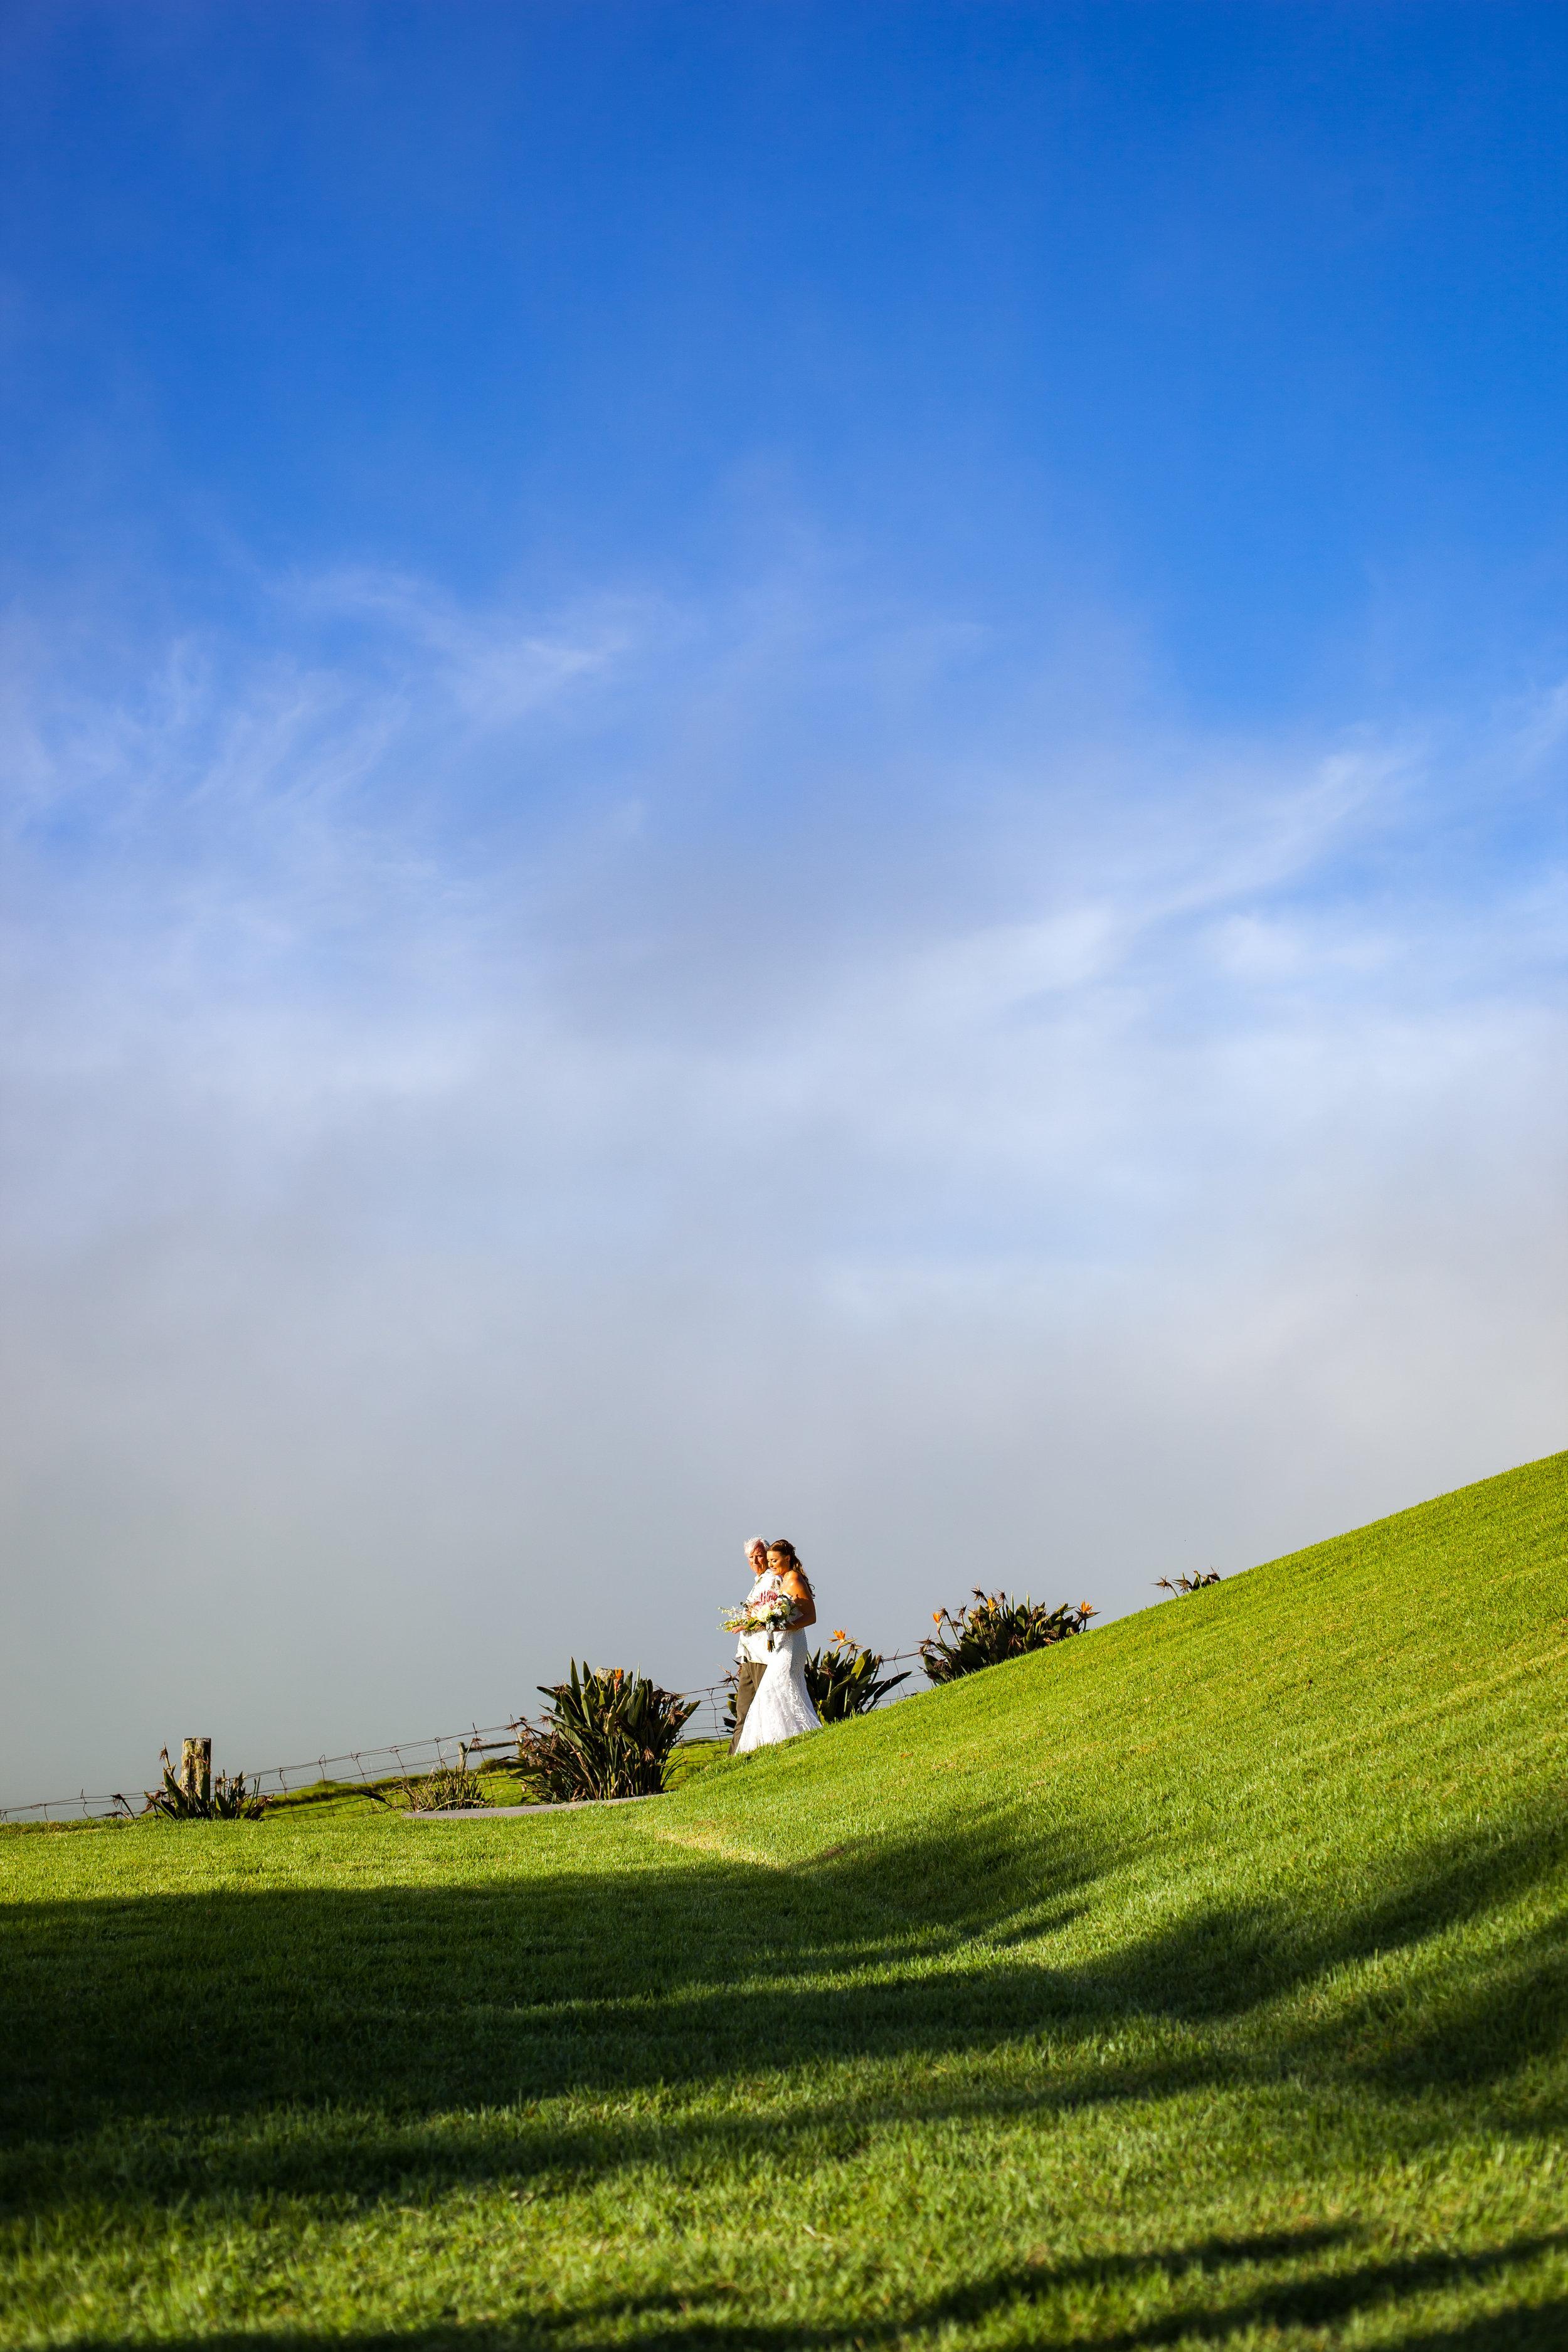 big island hawaii kahua ranch wedding © kelilina photography 20170106163935.jpg